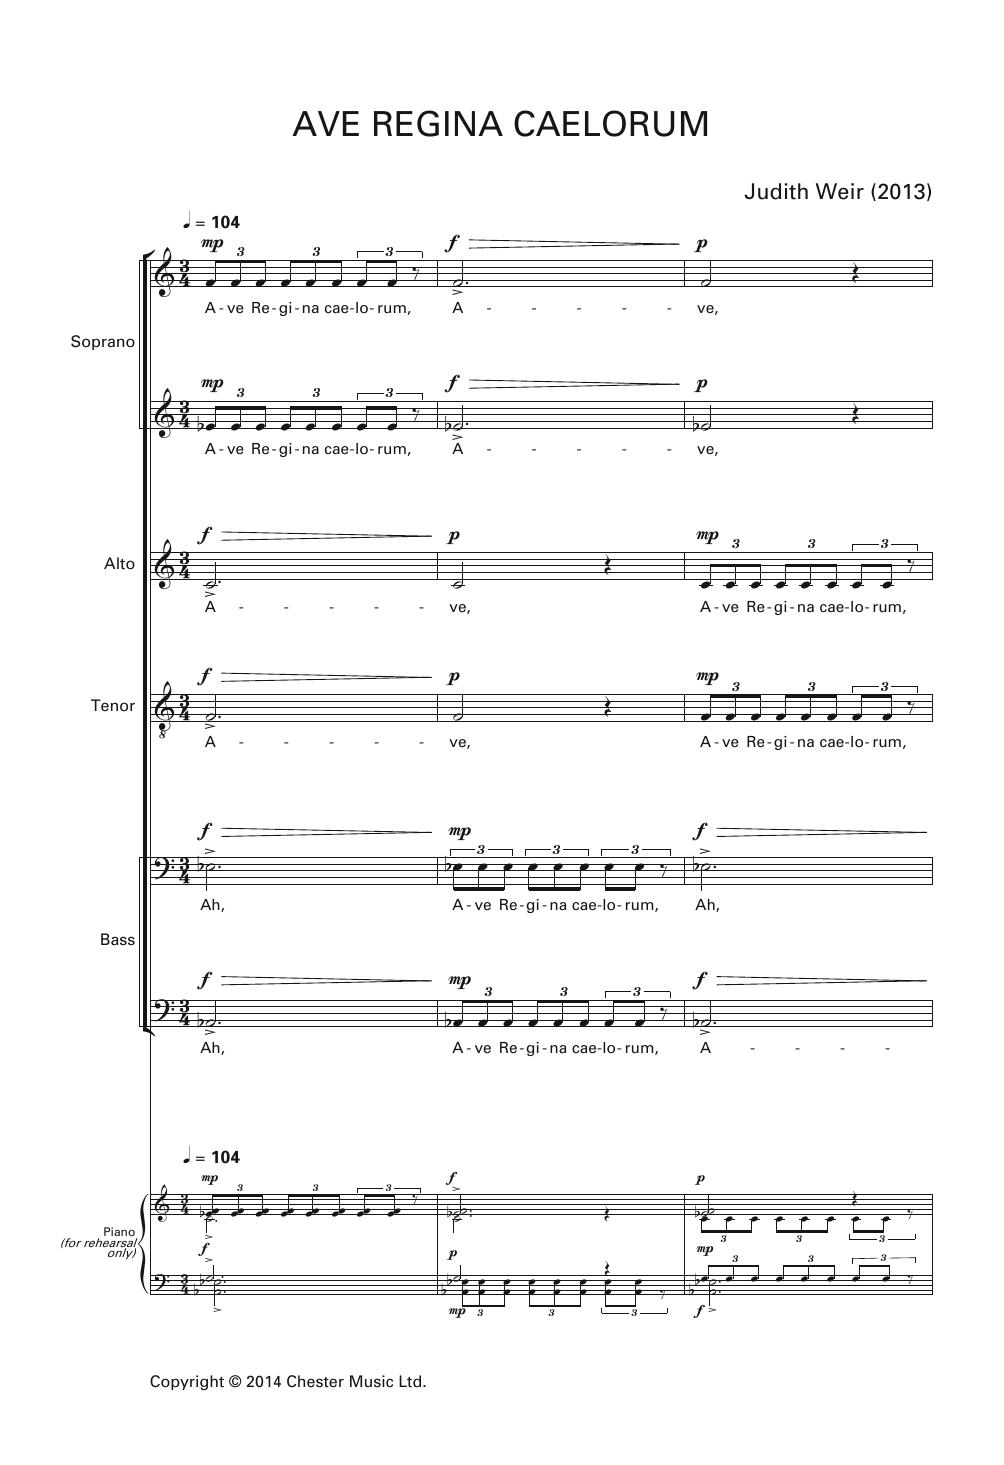 Judith Weir - Ave Regina Caelorum